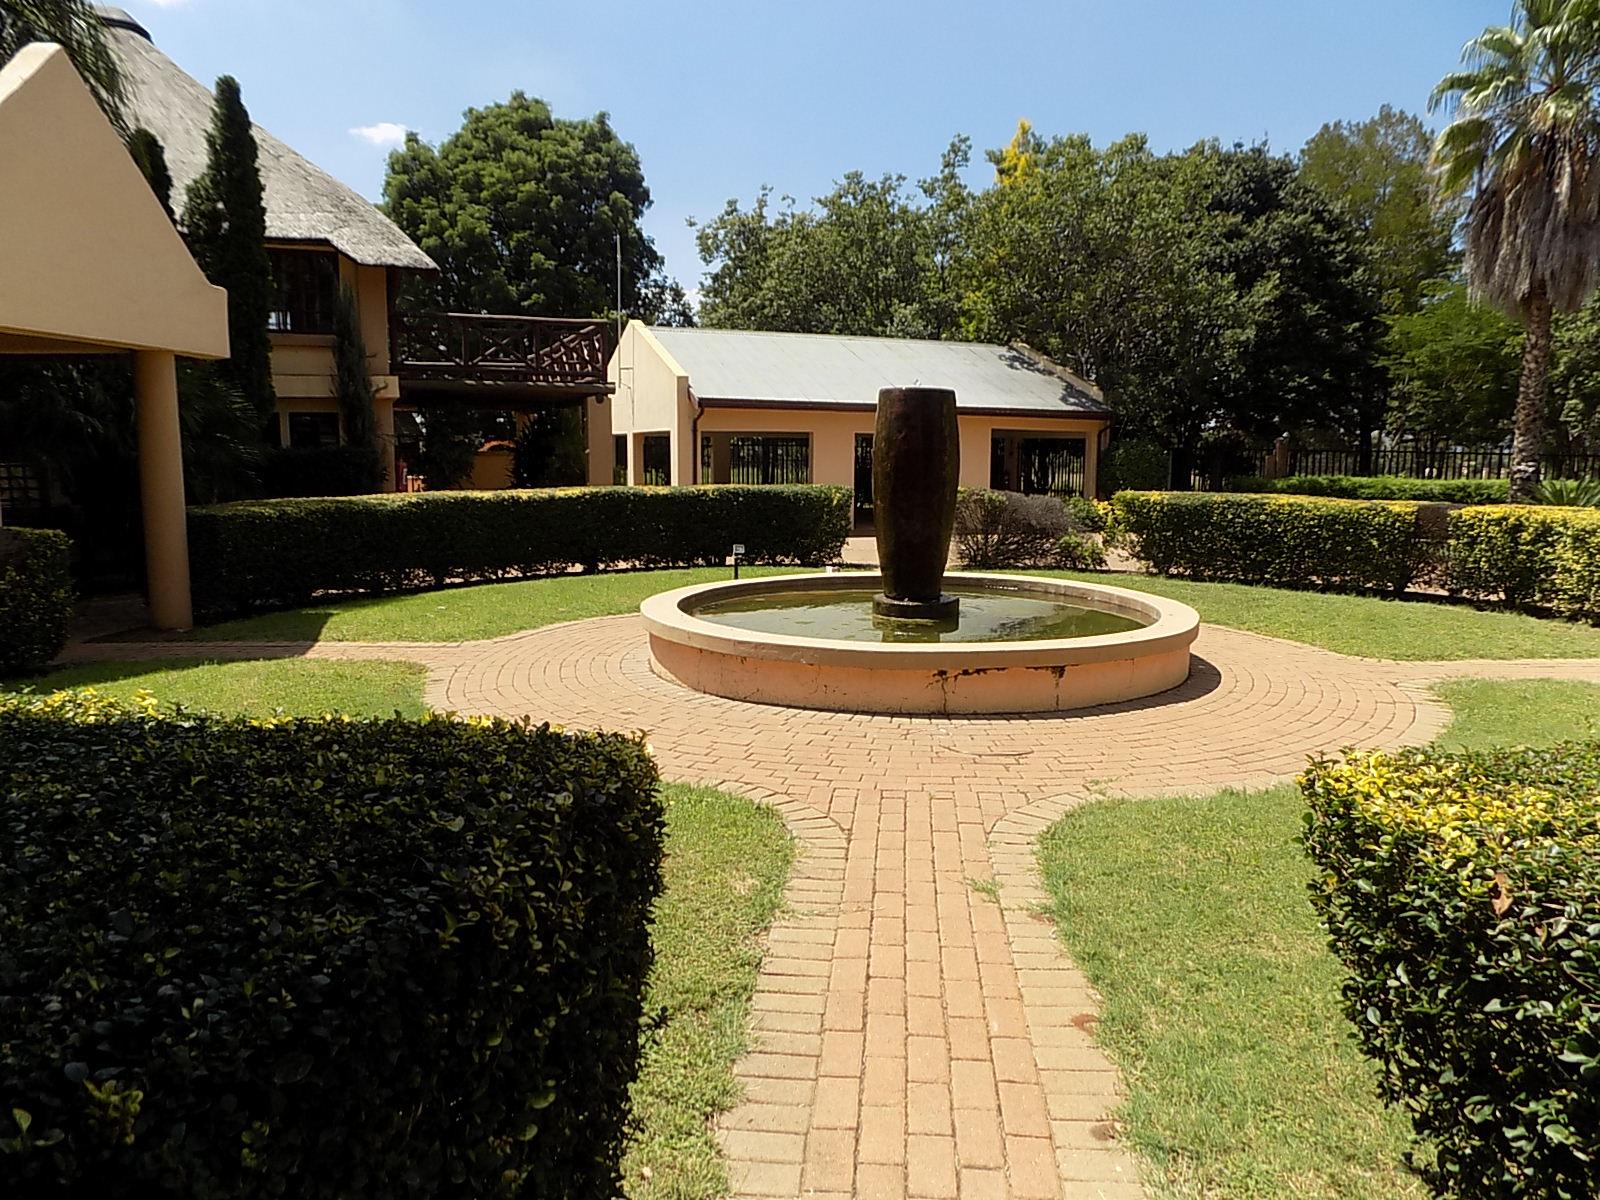 Investors Dream: 3 Houses & 3 Flats